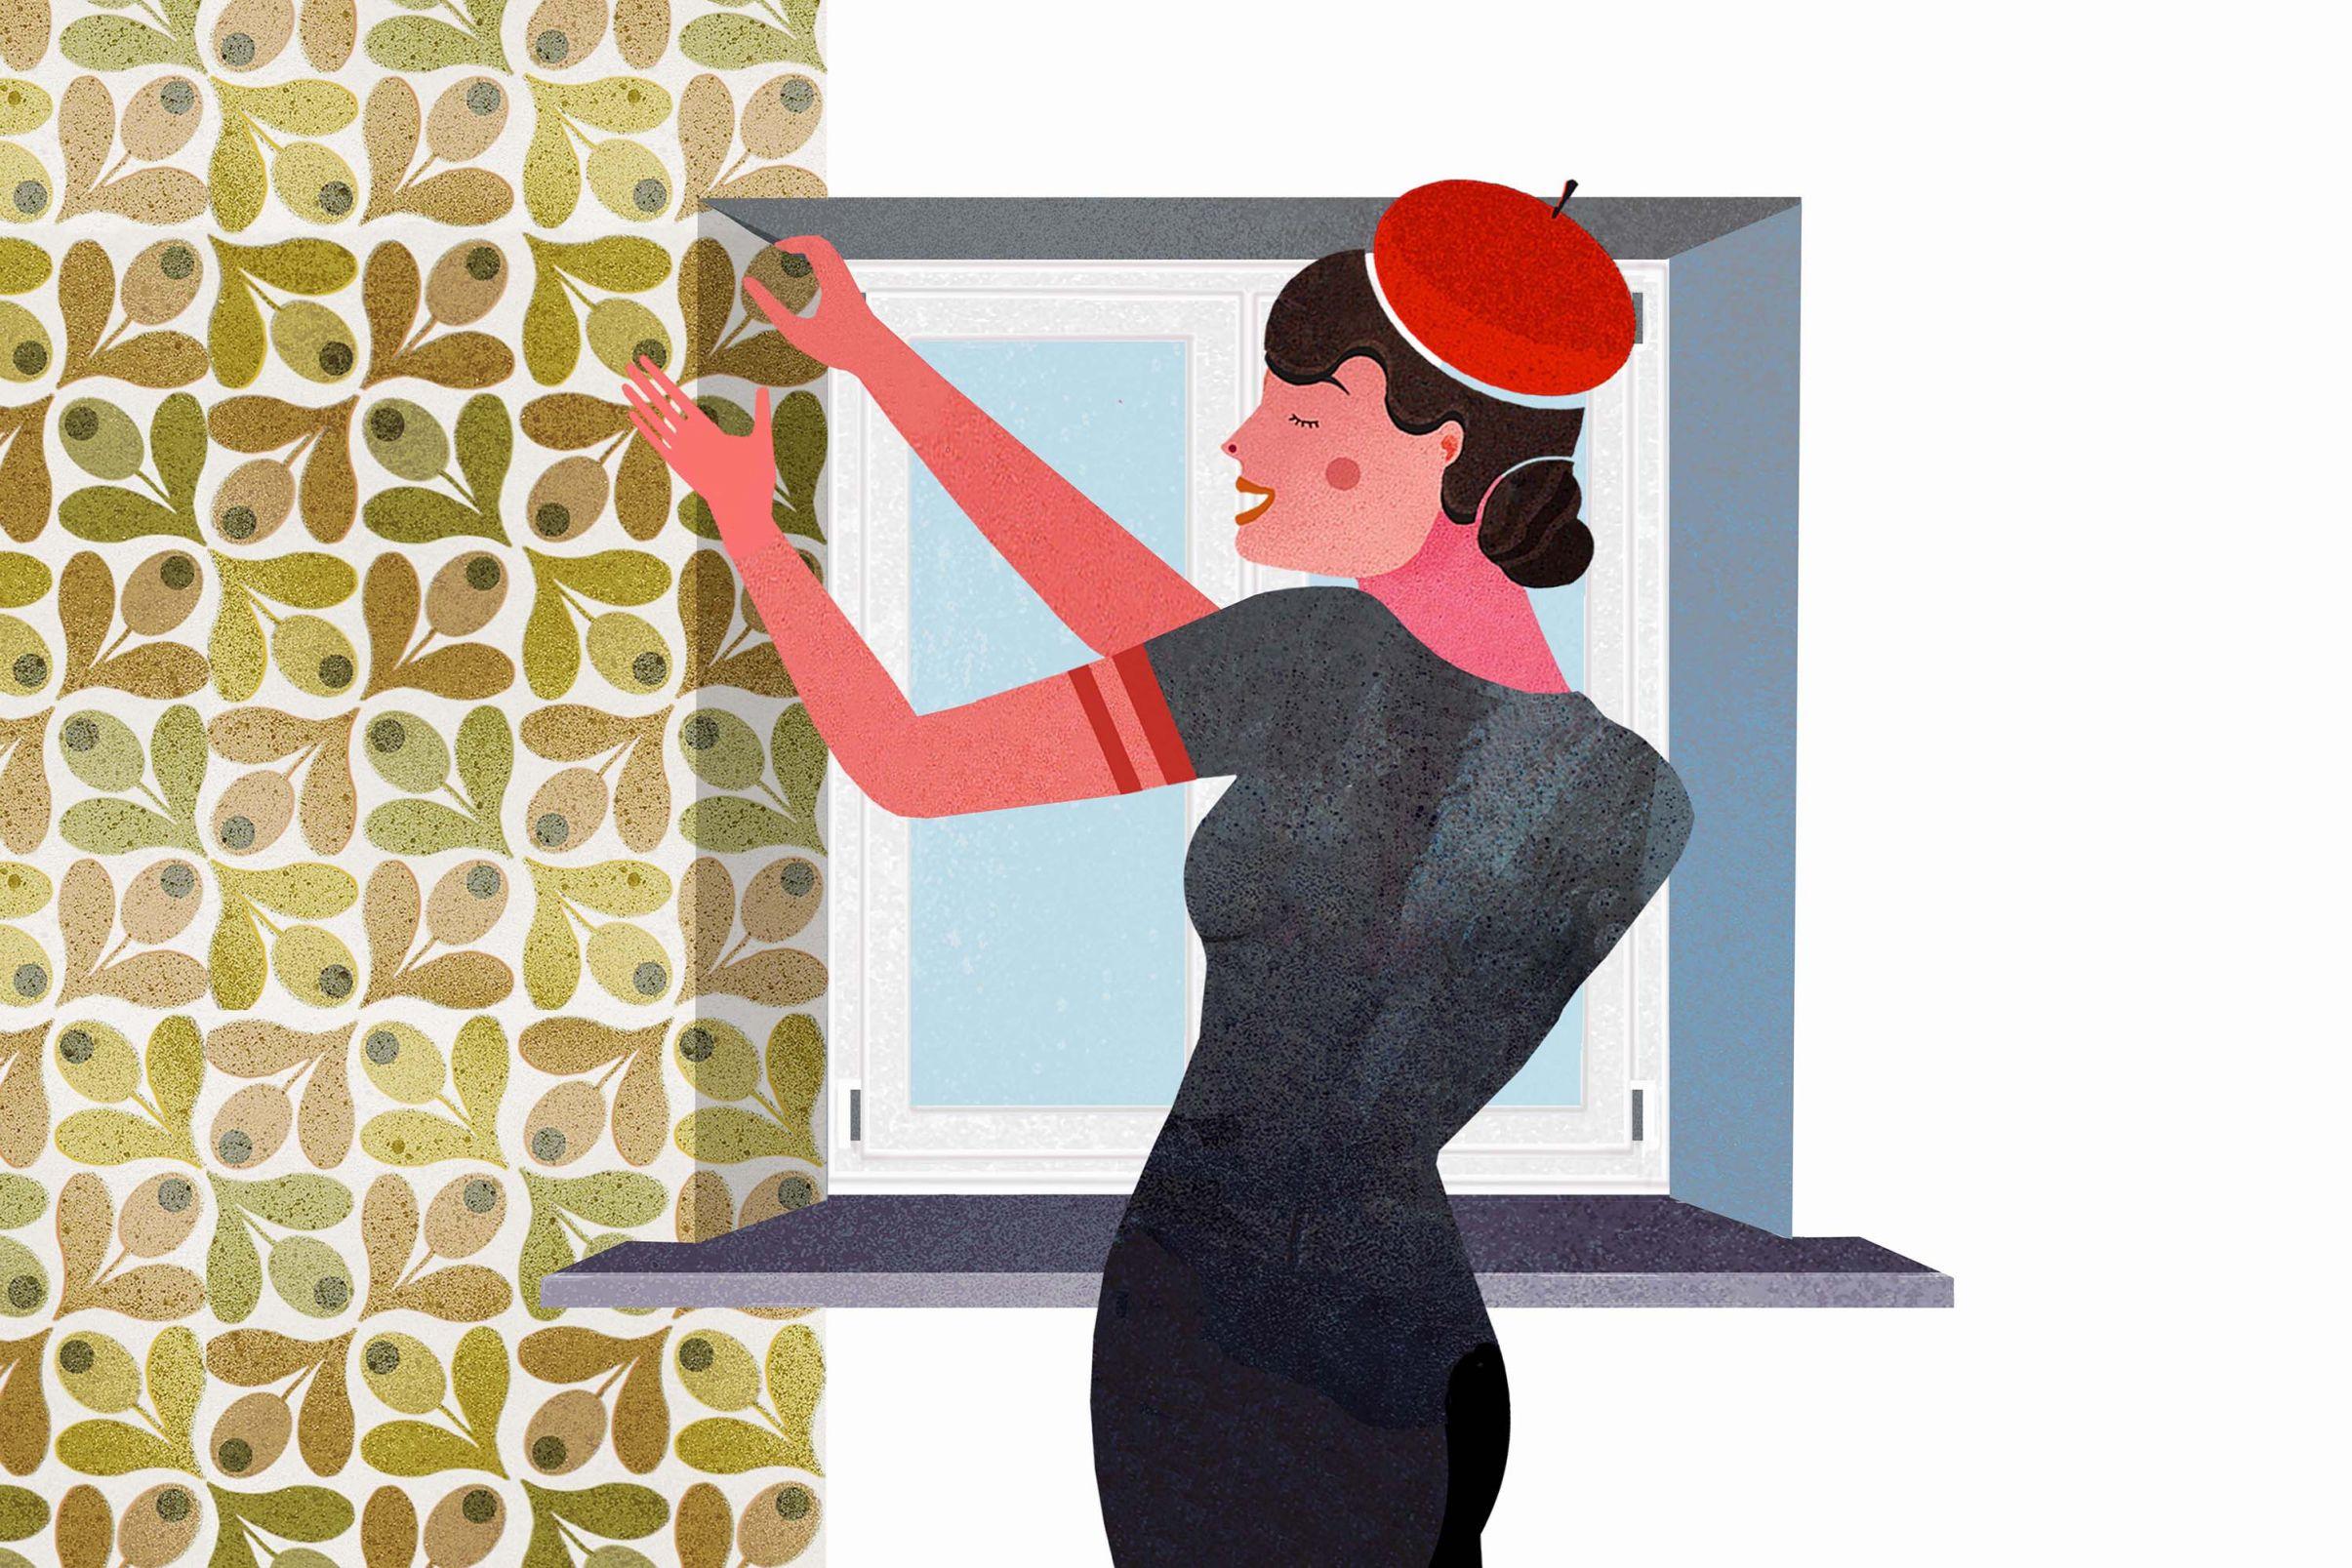 Wie-tapeziere-ich-um-Fenster-und-Tueren-Fenster-mit-Ueberstand-tapezieren-Tapete-einschneiden-und-nach-innen-klappen